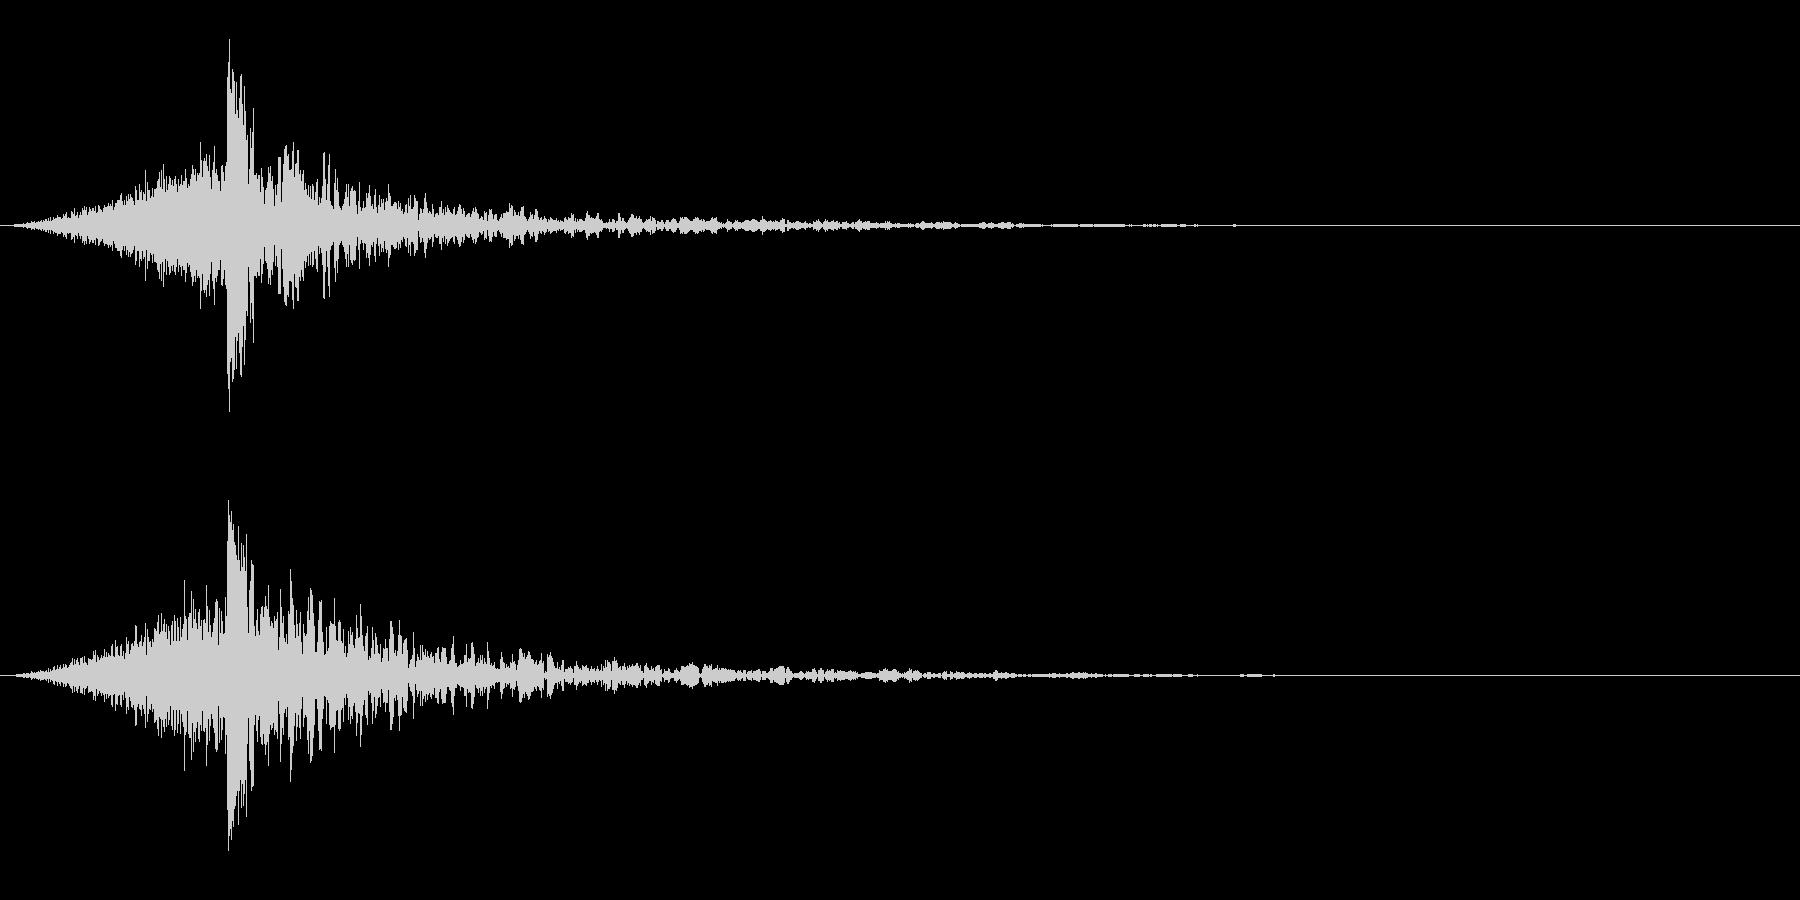 シュードーン-60-4(インパクト音)の未再生の波形